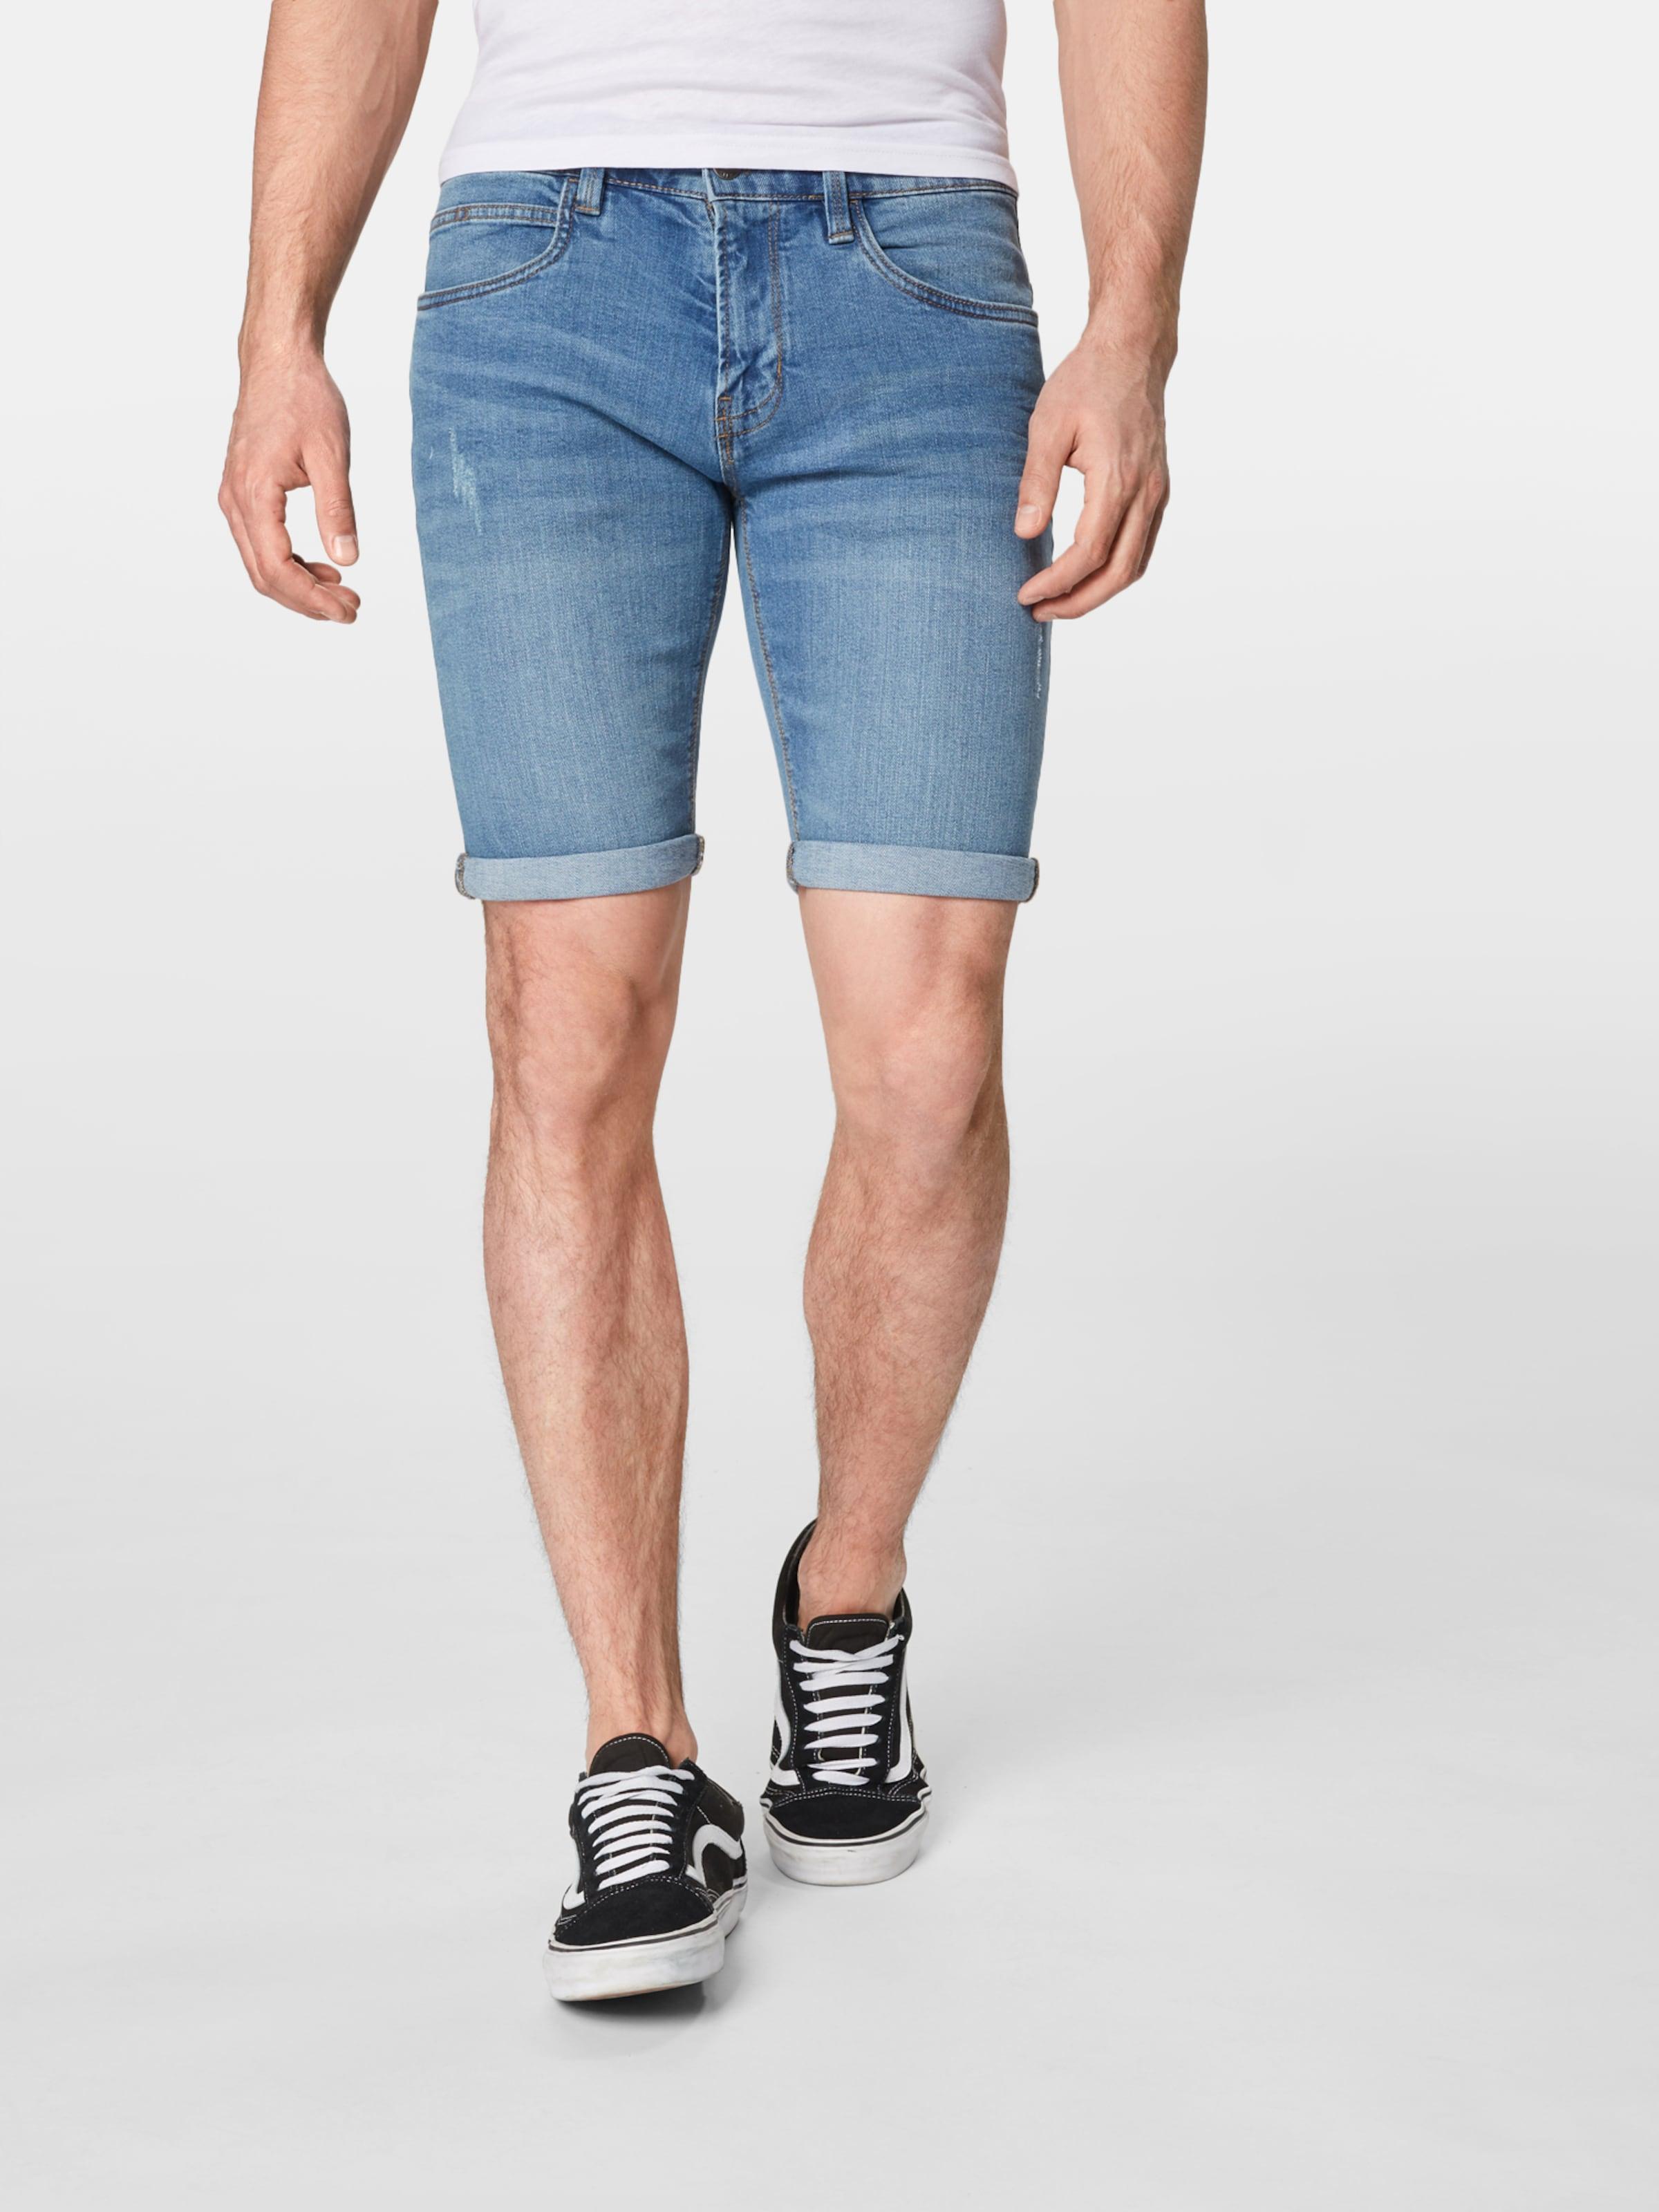 Blue 'kaden' Indicode In Denim Jeans 4AjLR35